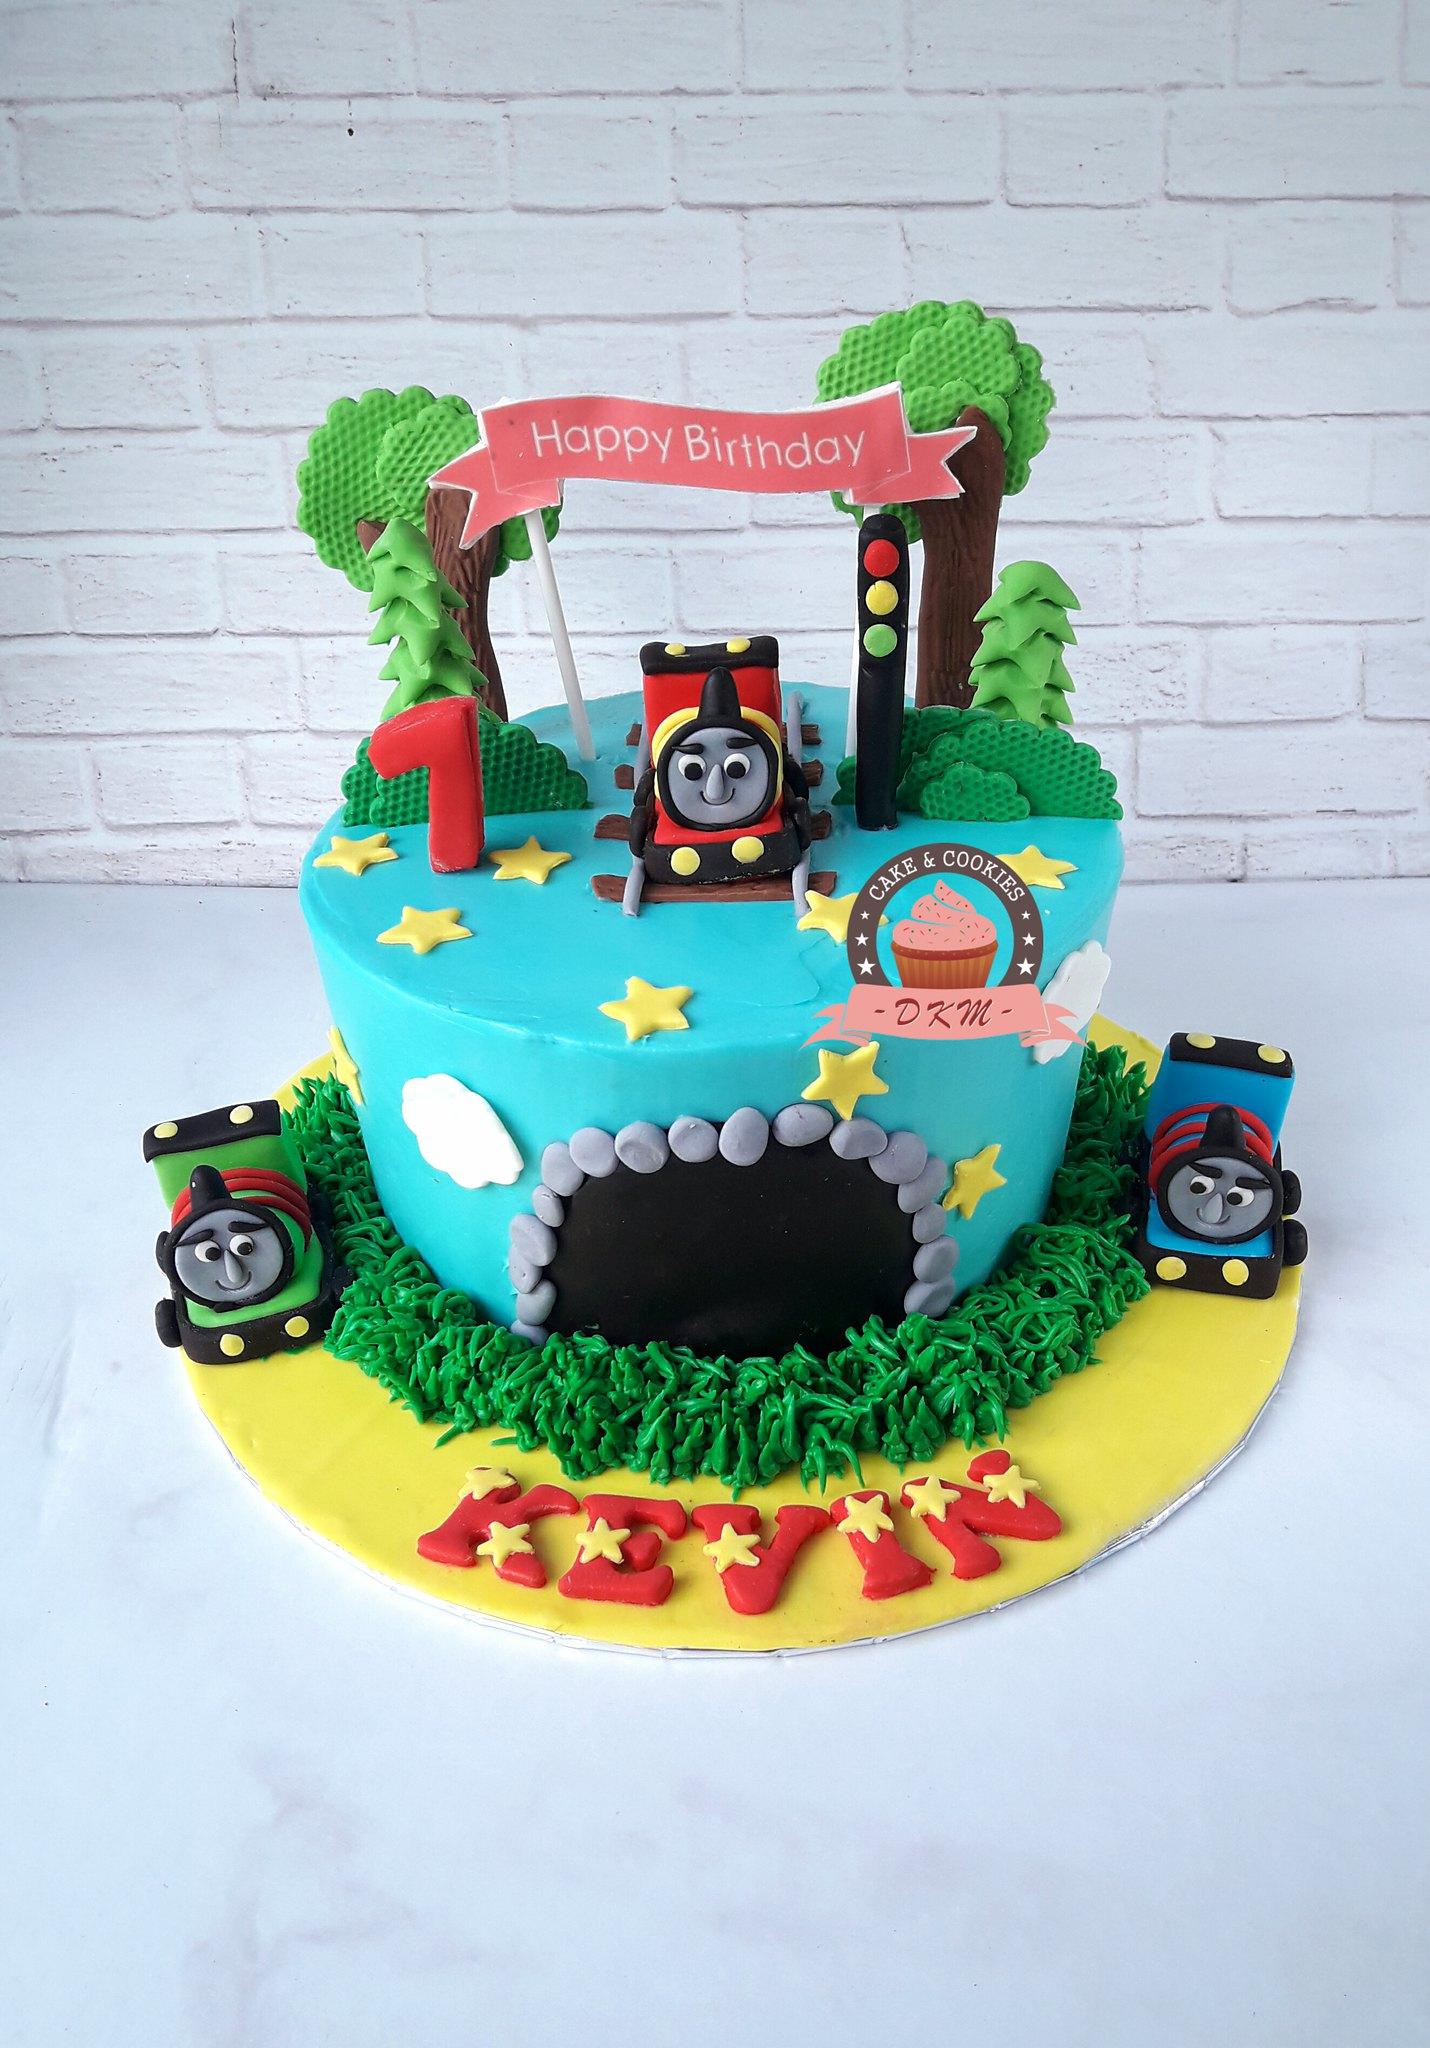 pesan cake jember, pesan kue ulang tahun jember, dkm cakes jember, toko kue jember